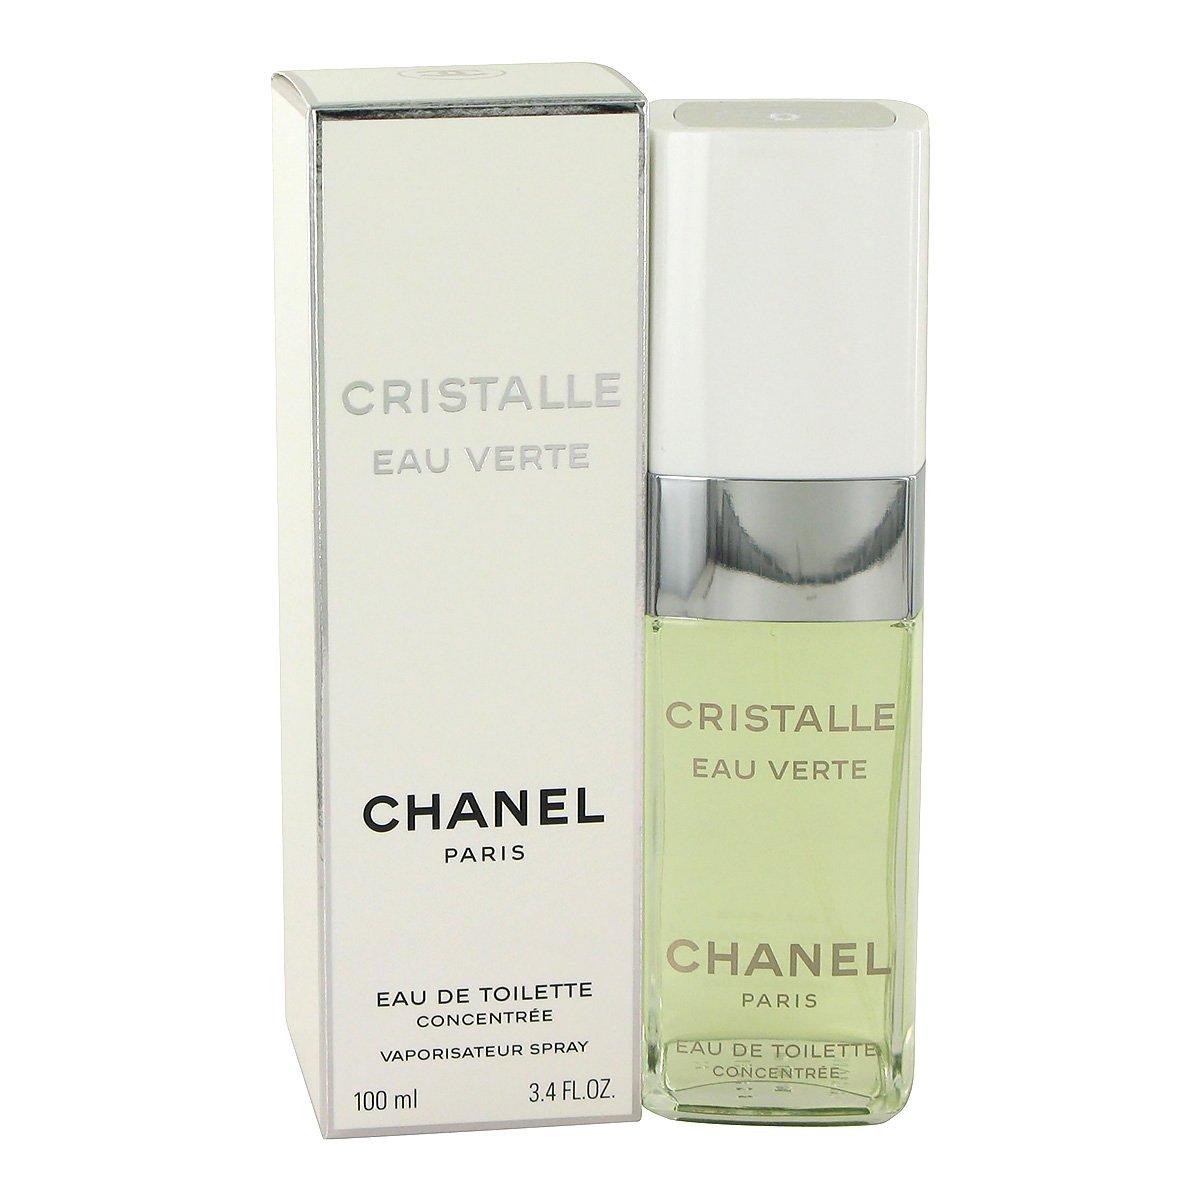 Chanel Cristalle Eau Verte купить в минске и рб